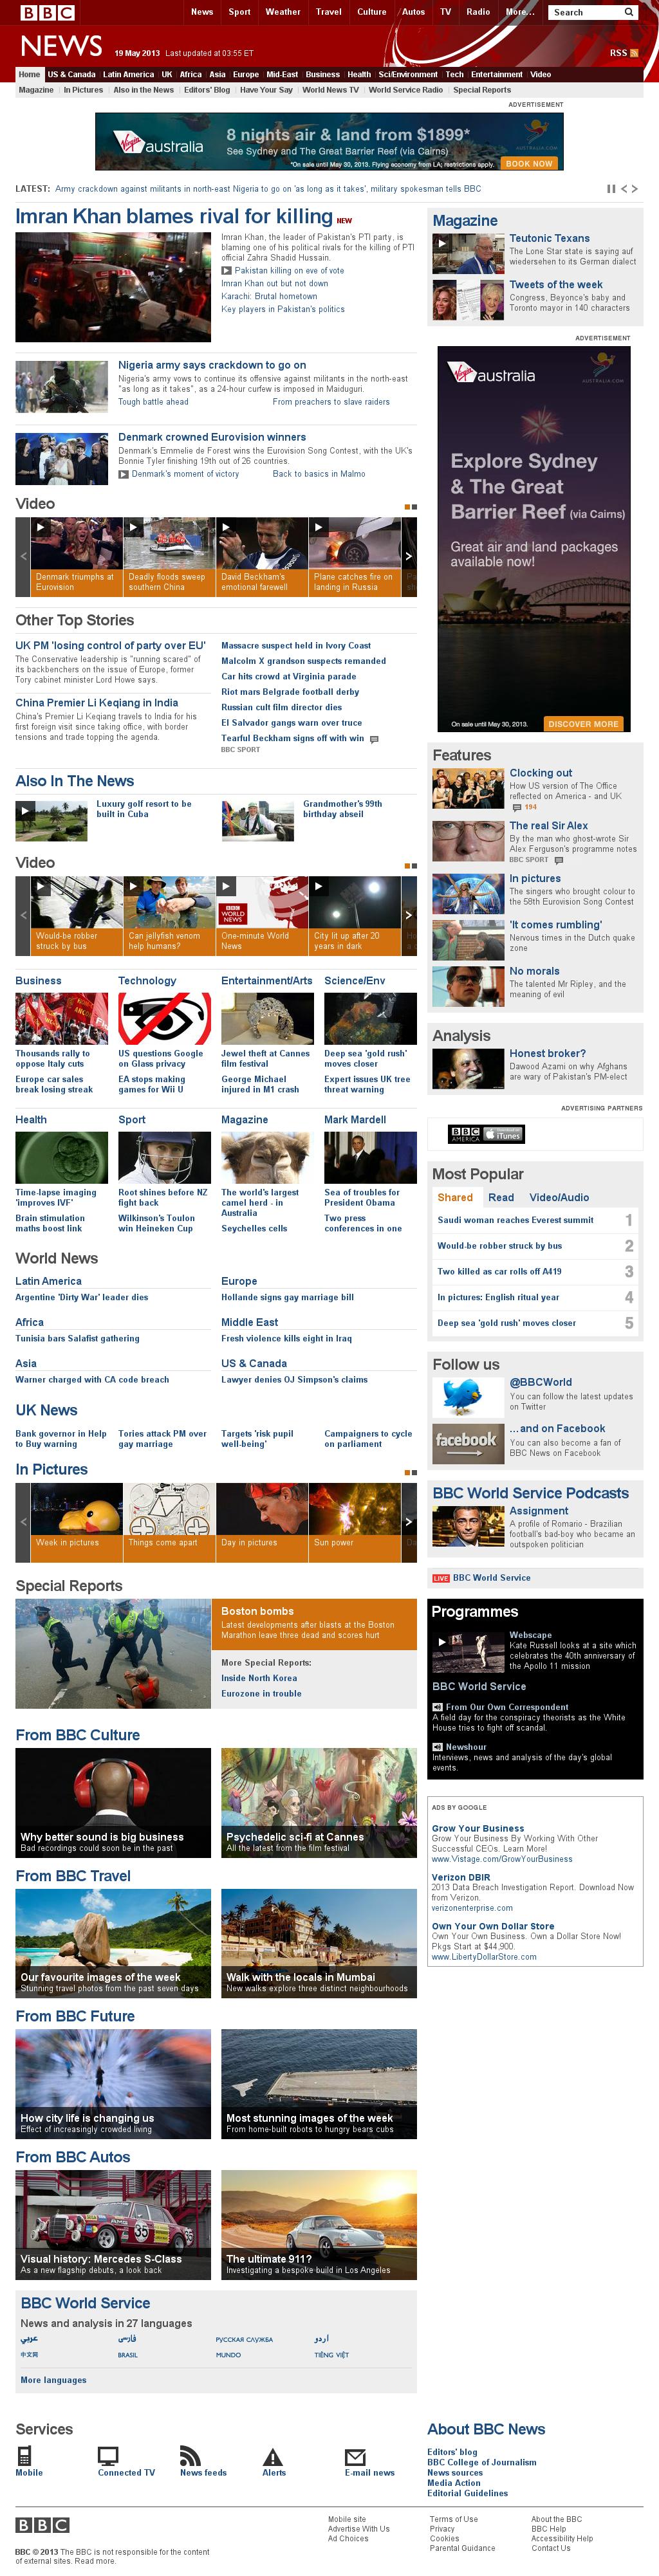 BBC at Sunday May 19, 2013, 8:01 a.m. UTC